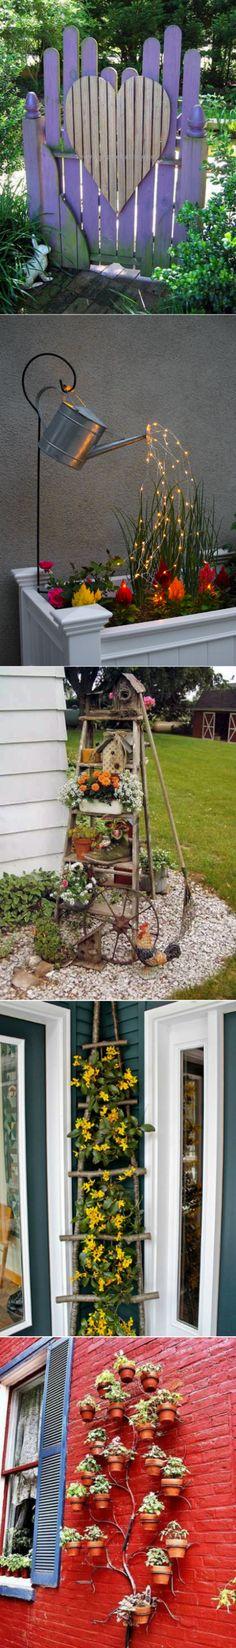 17 красивых и практичных идей, которые можно воплотить на своем загородном участке